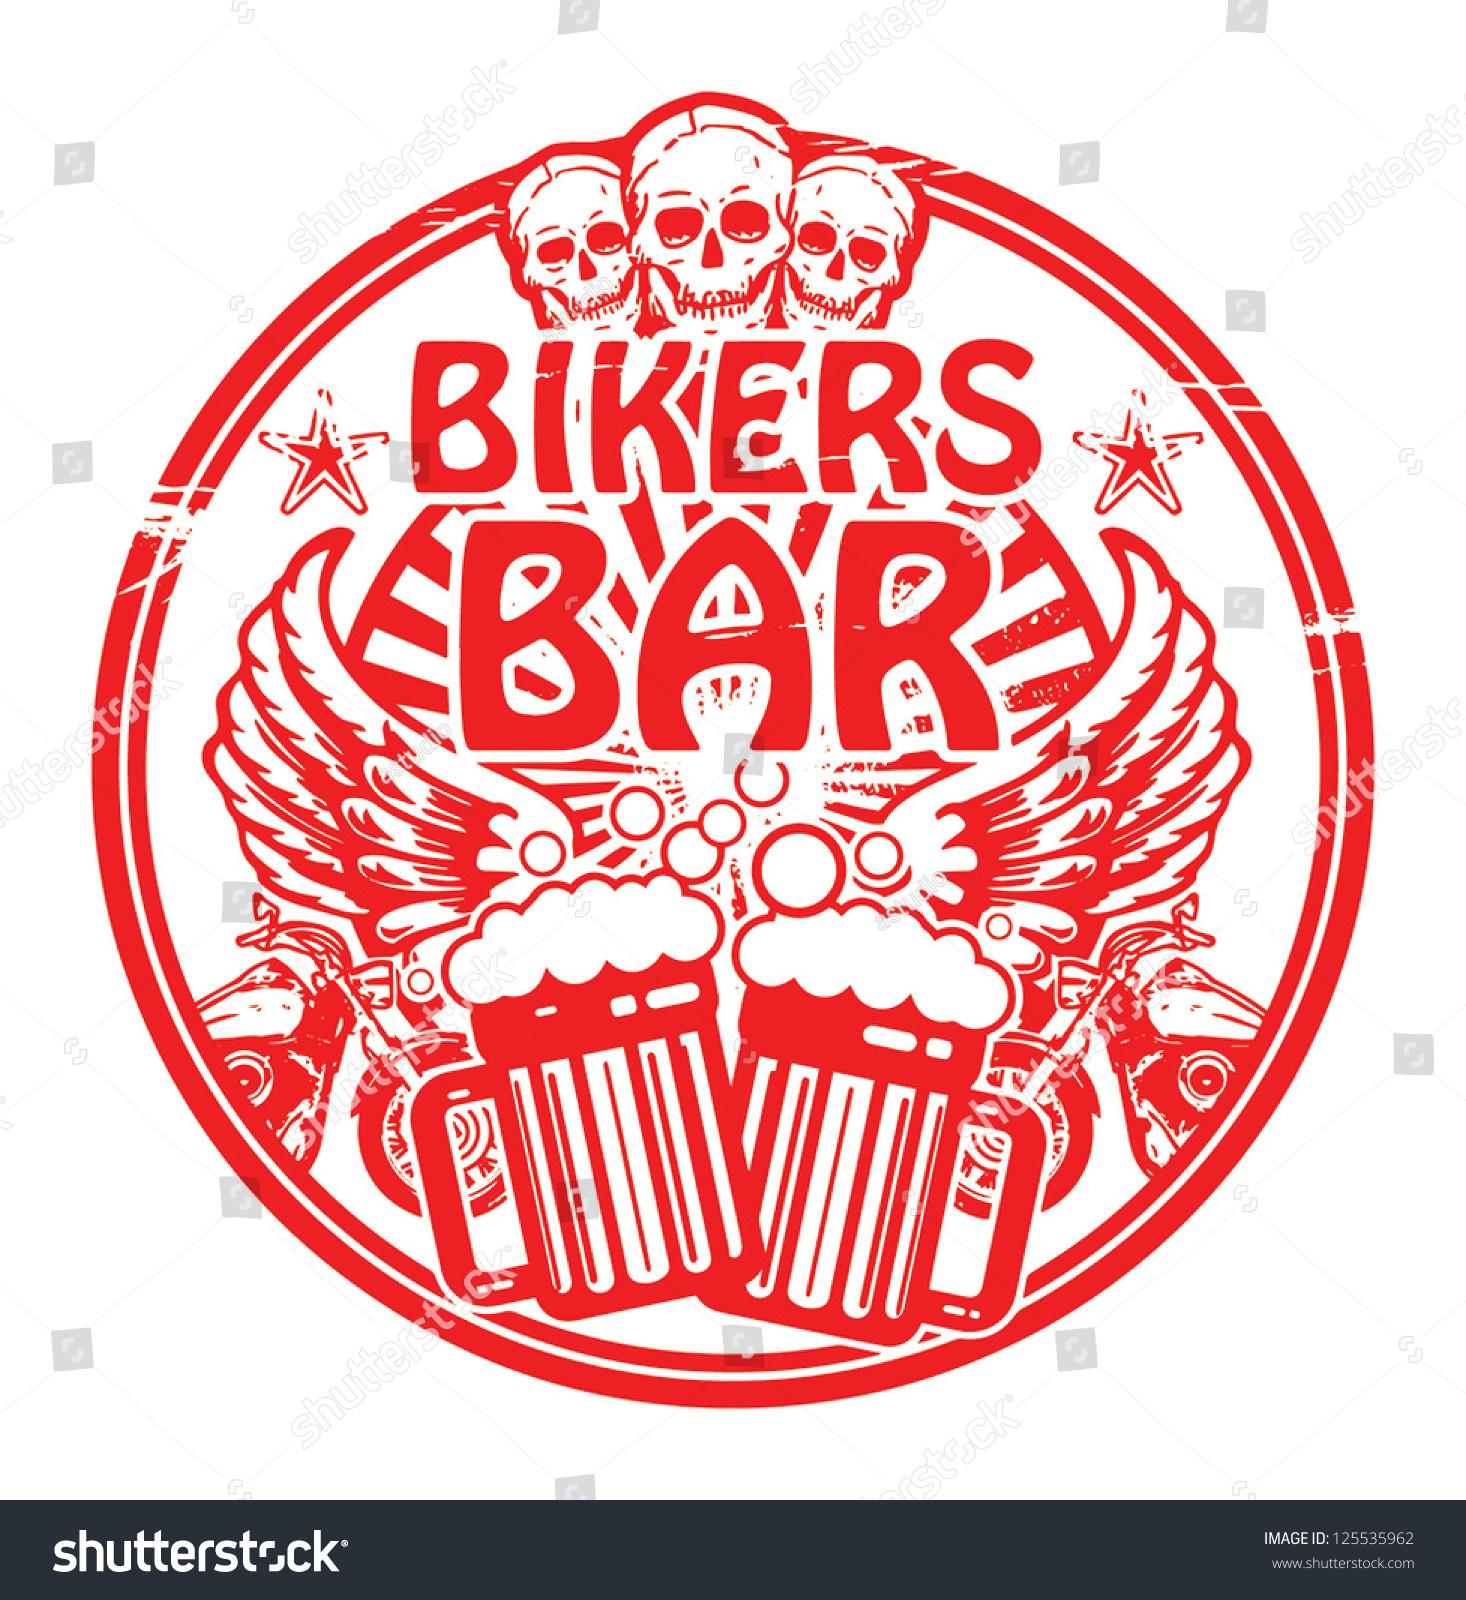 骷髅的话自行车酒吧内垃圾的橡皮图章,矢量图-符号